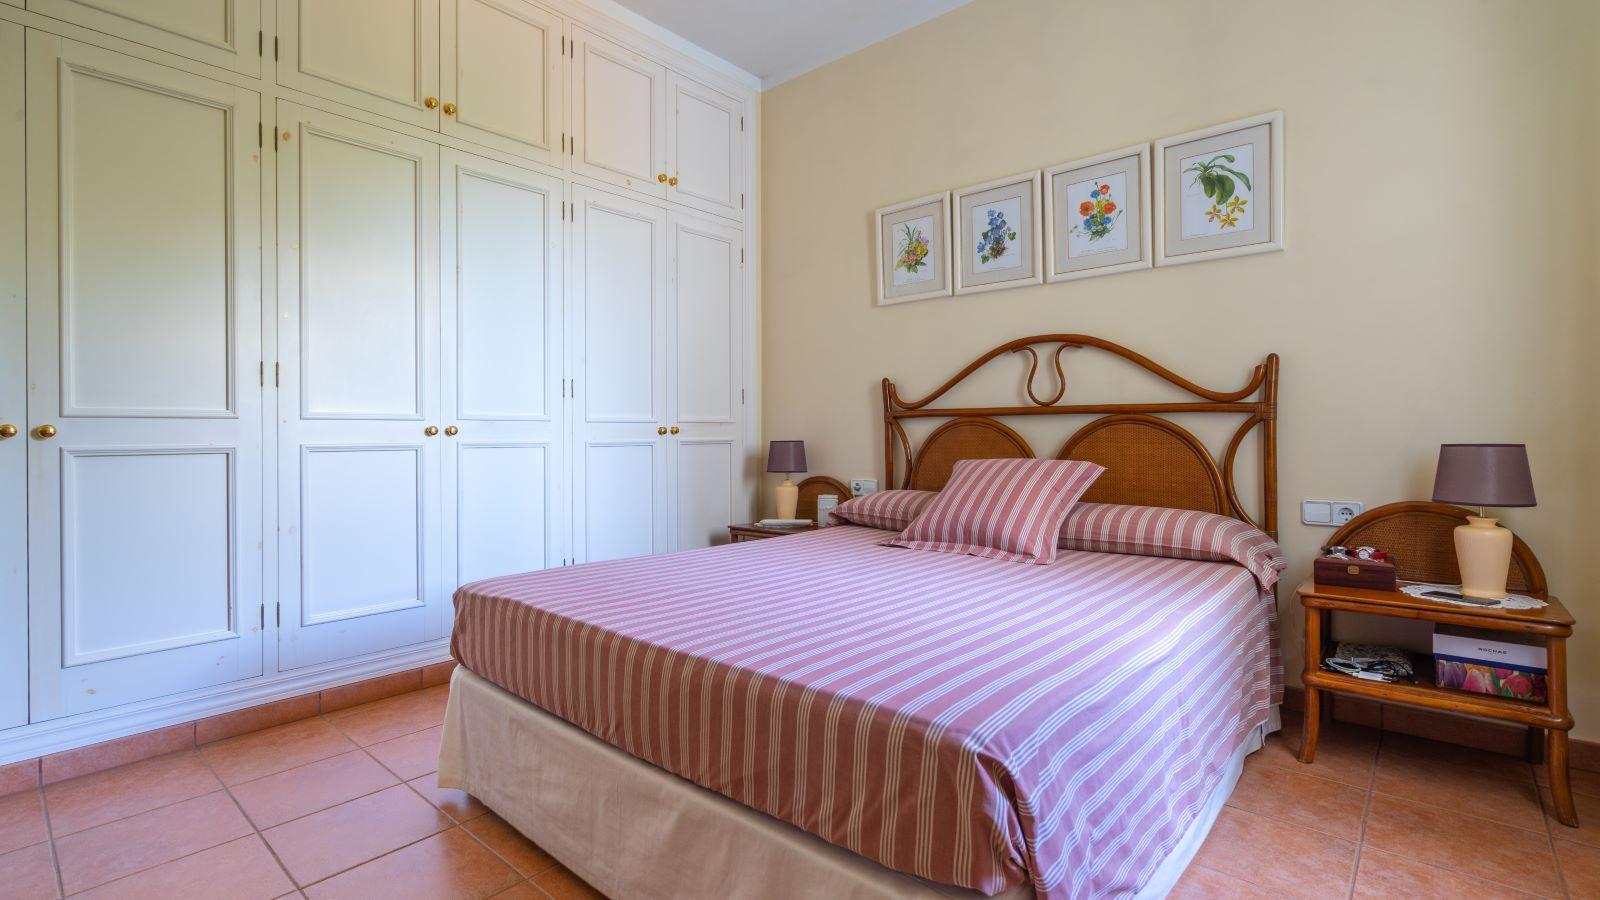 Villa in Binixica Ref: V2643 15